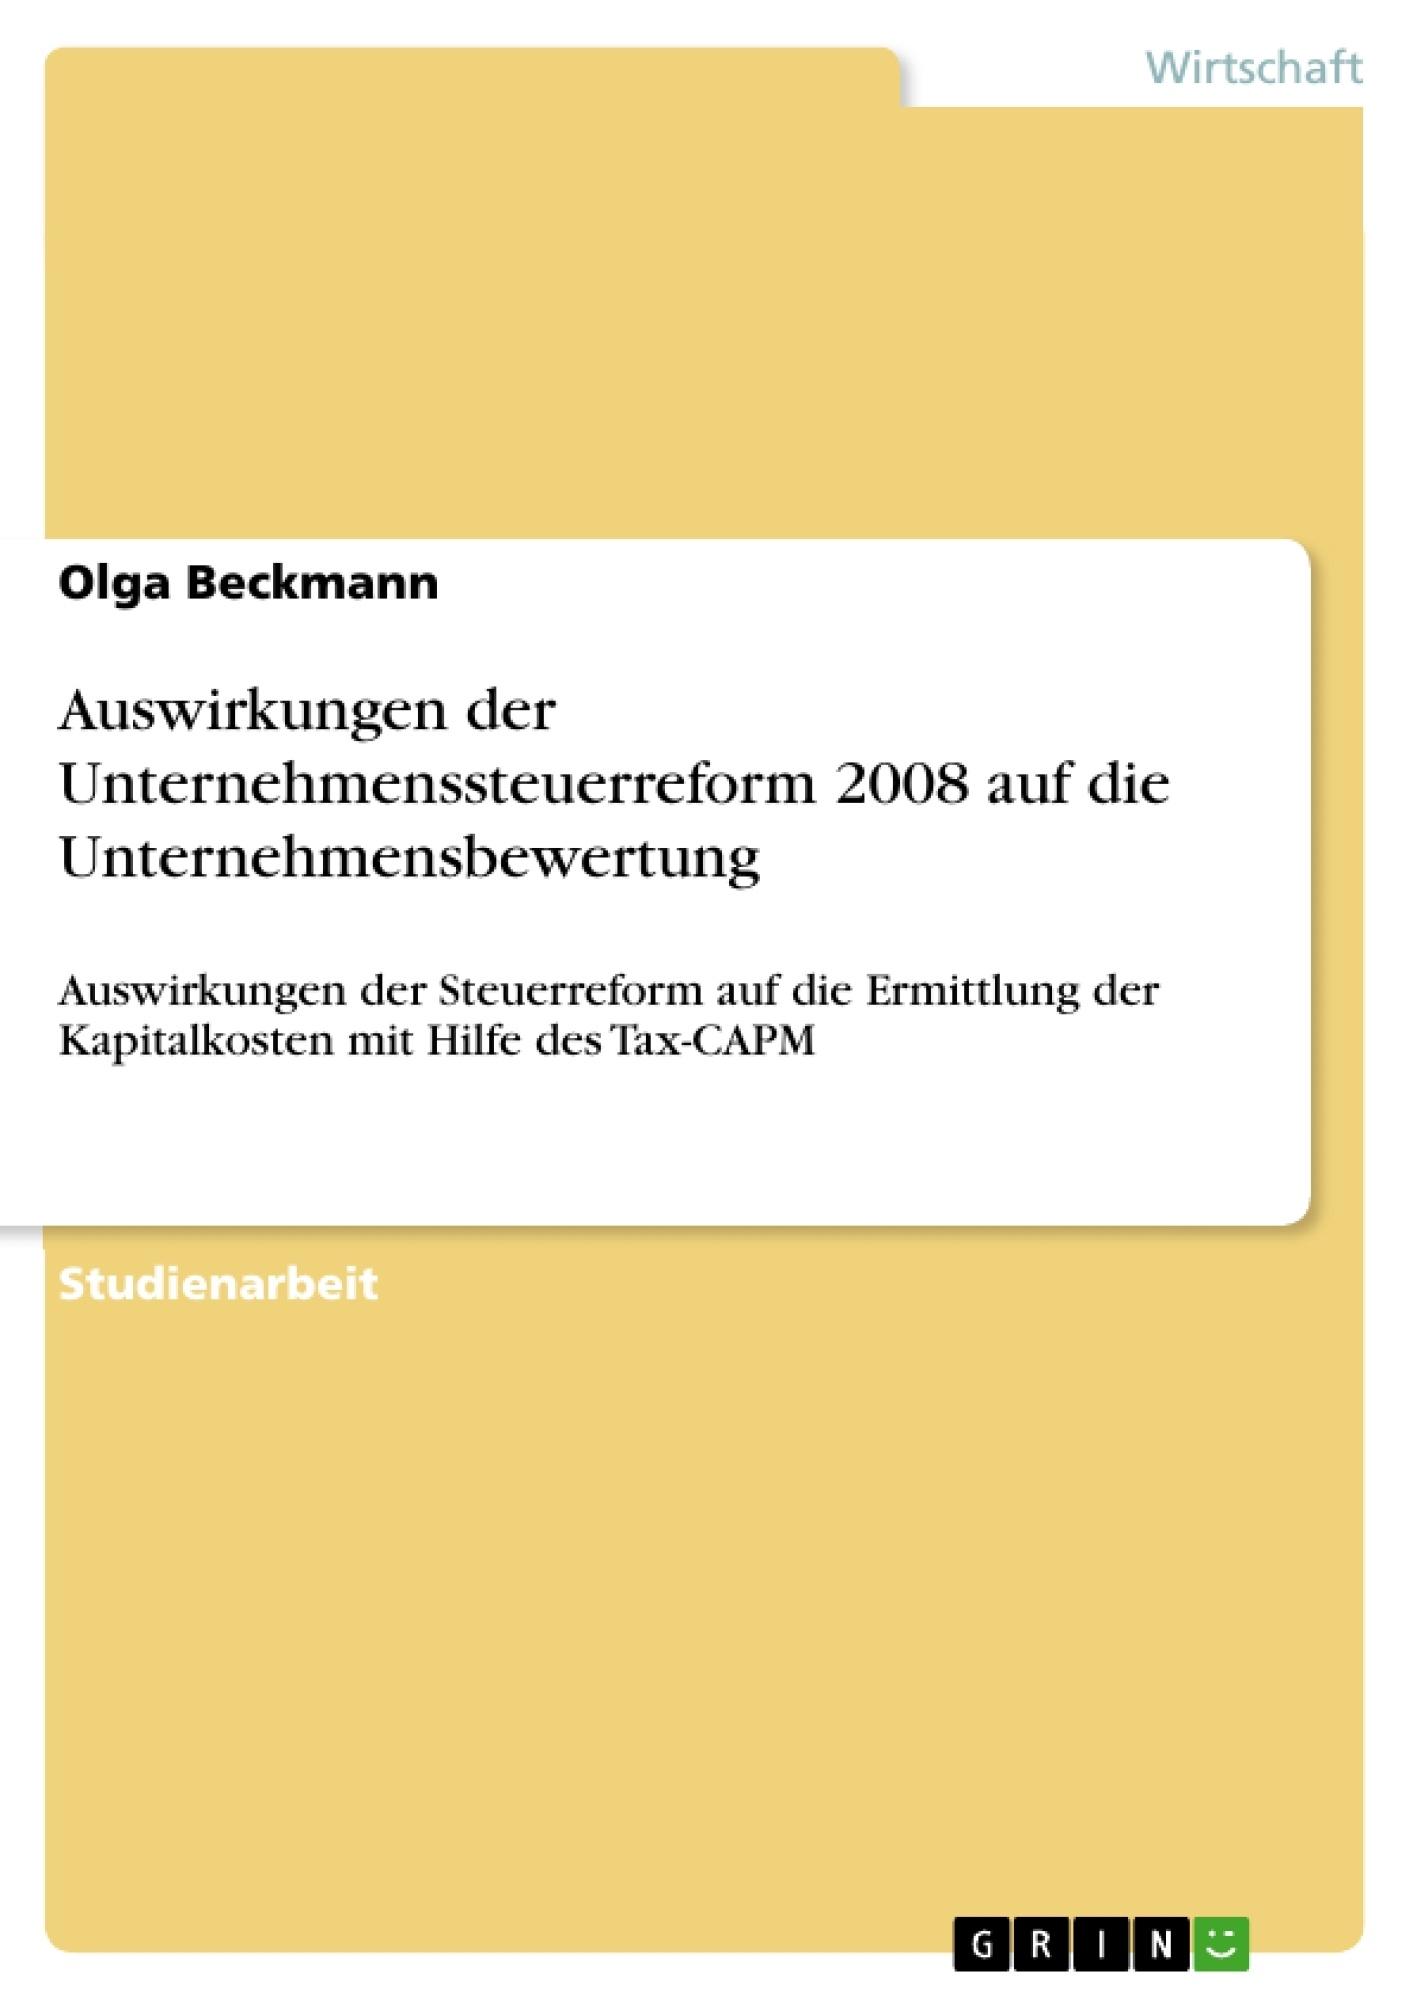 Titel: Auswirkungen der Unternehmenssteuerreform 2008 auf die Unternehmensbewertung